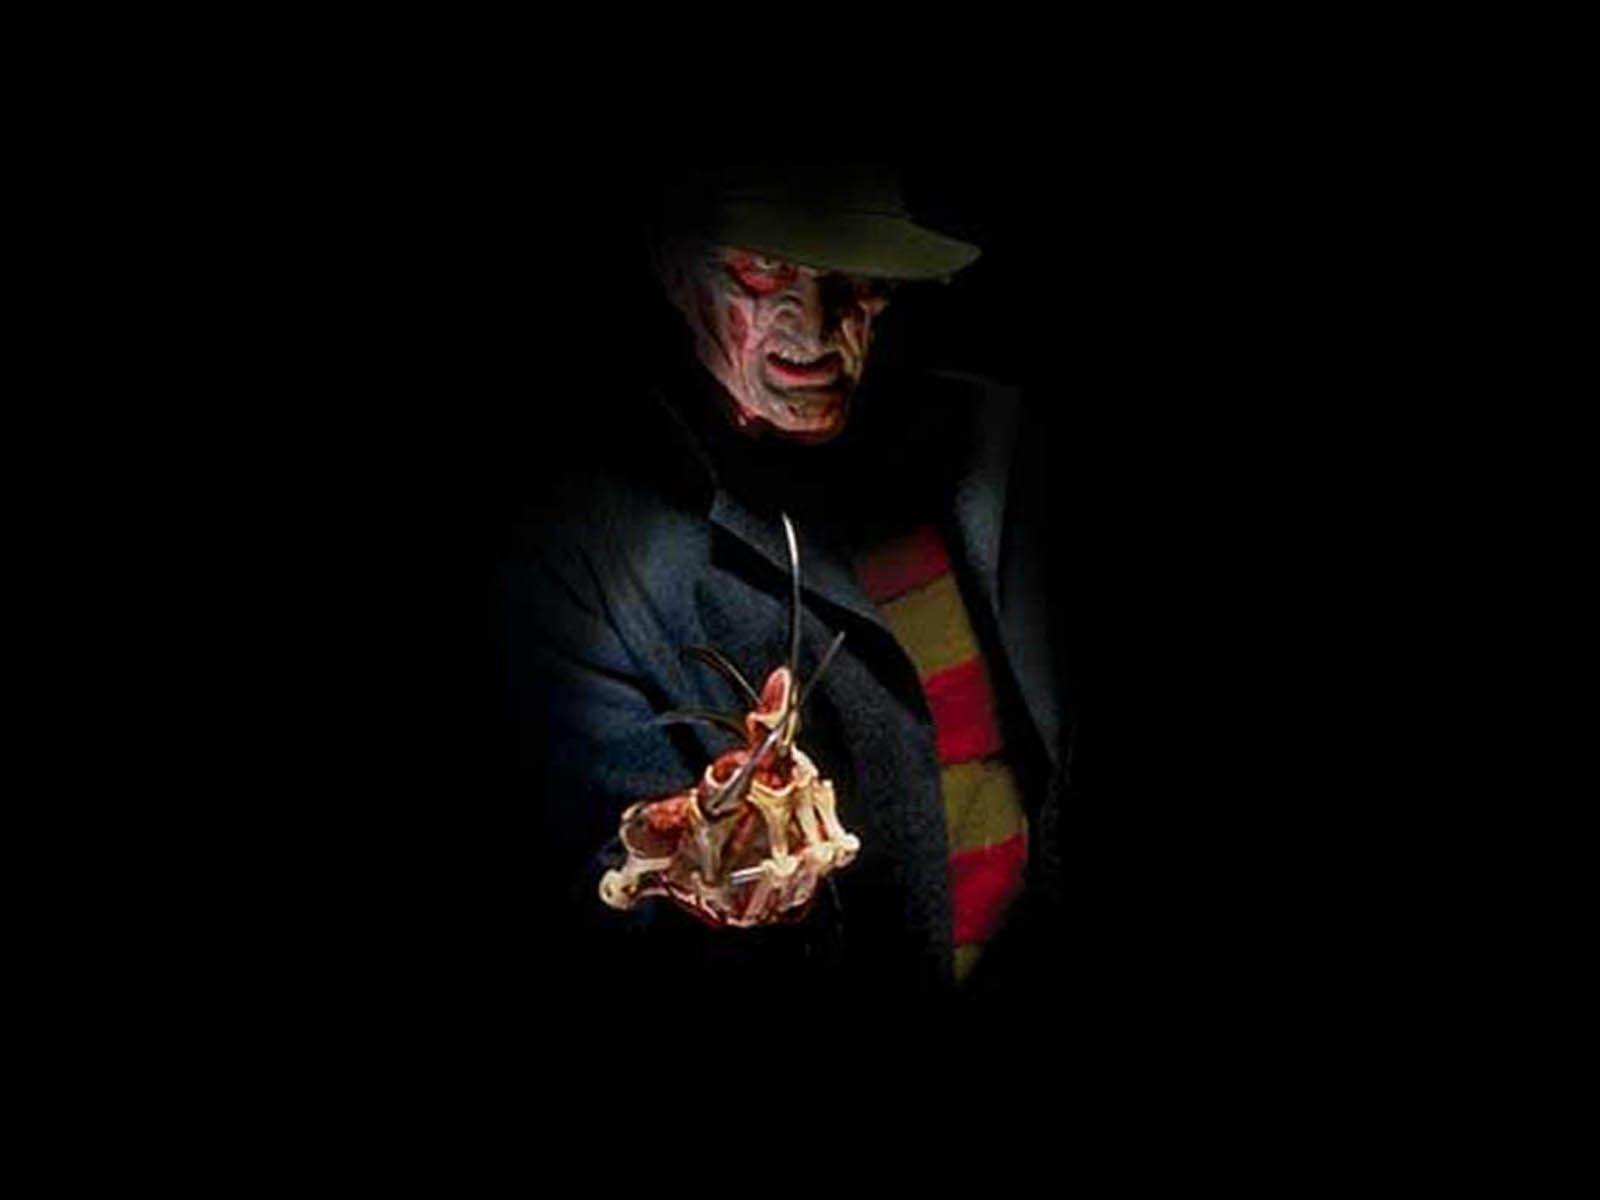 10 Best Freddy Krueger Wallpaper Hd FULL HD 1080p For PC ...